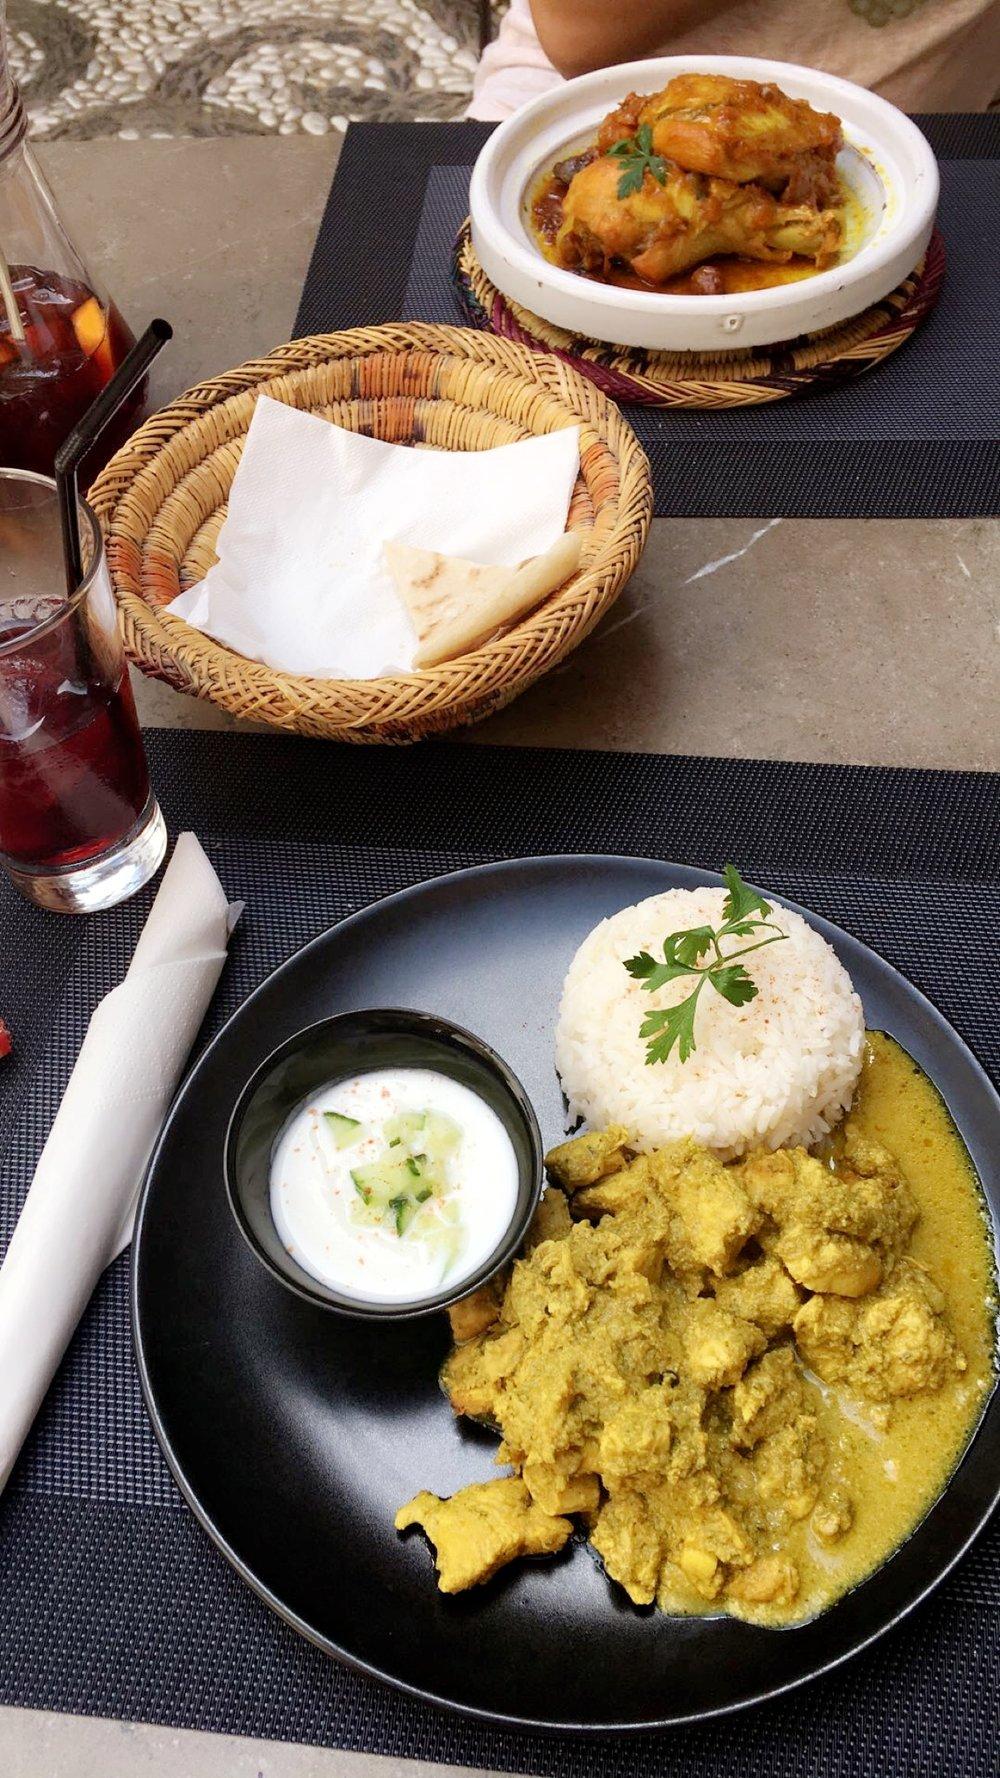 moroccan food granada spain